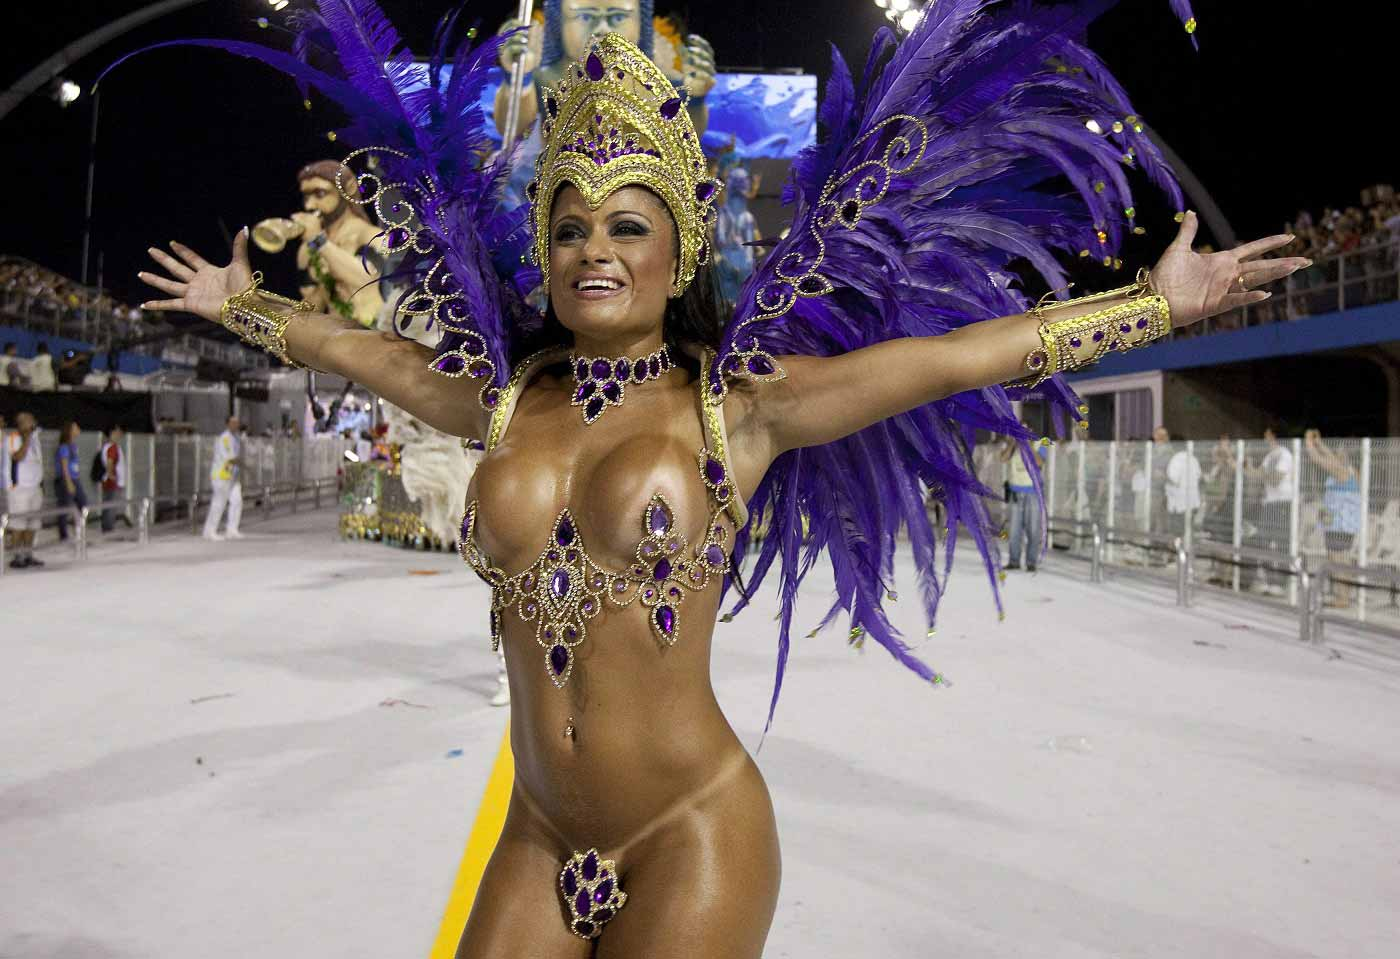 фото красивых девушек на карнавале